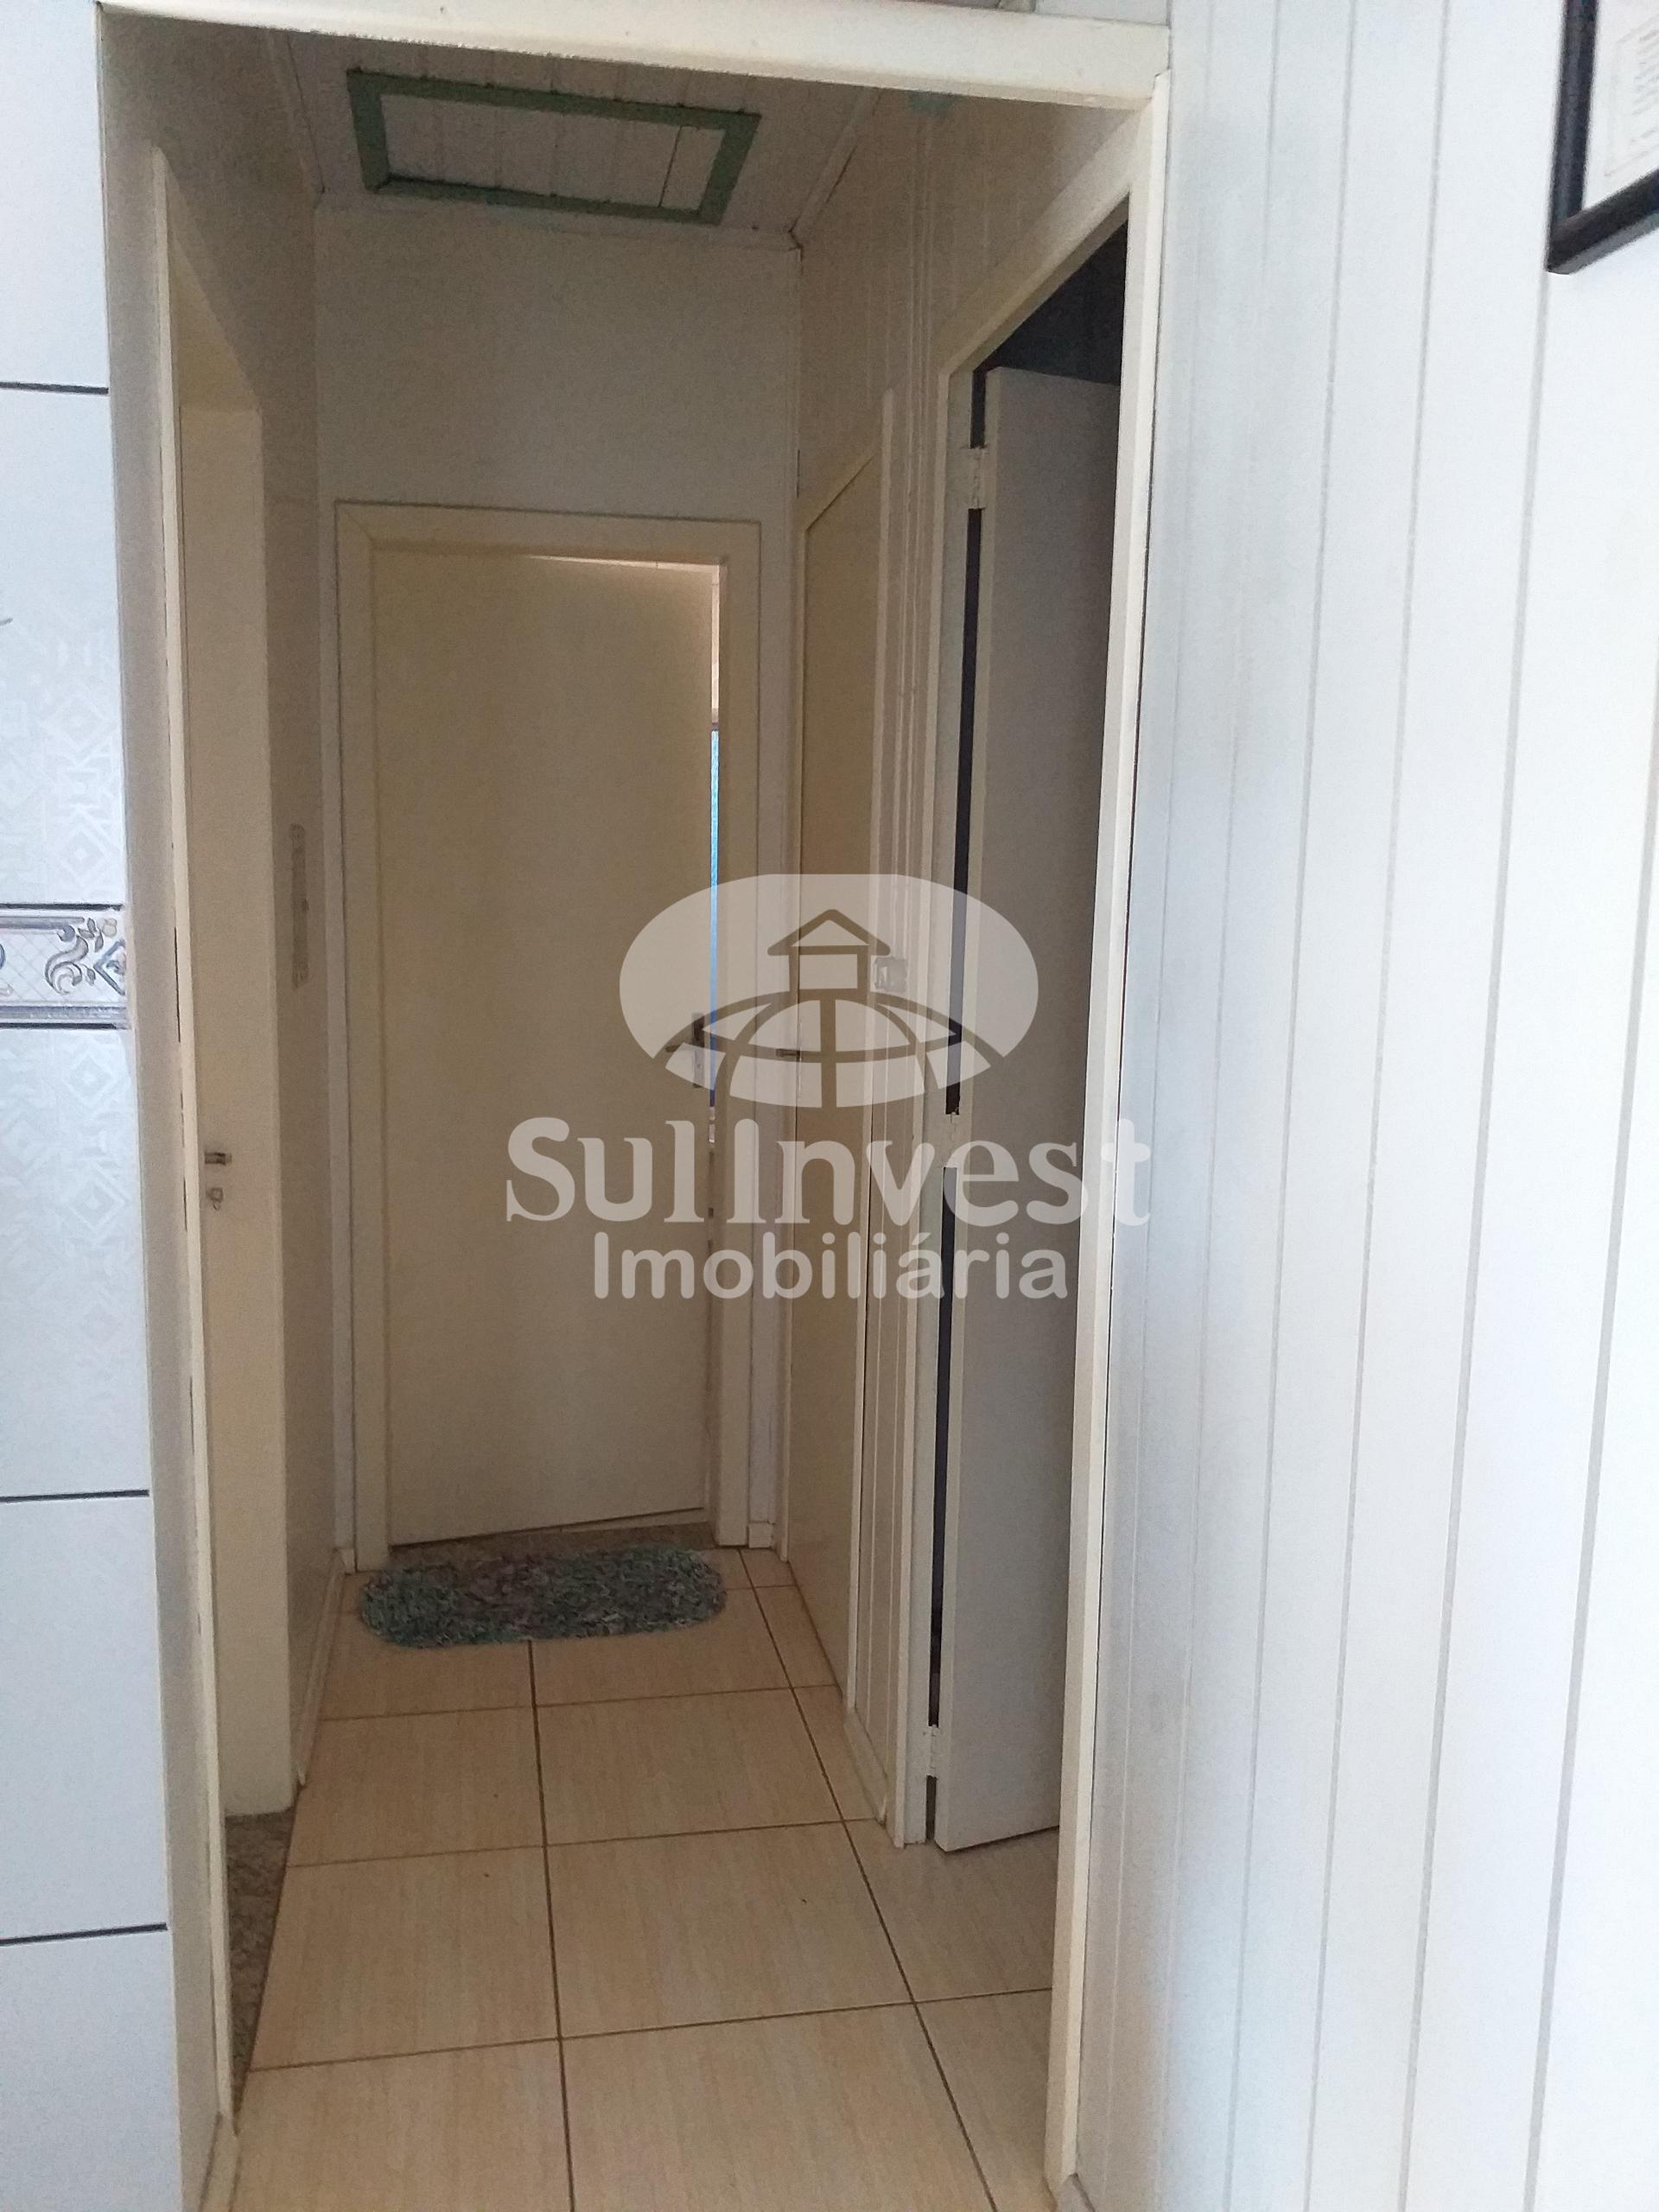 Sul invest Imobiliária em Seara SC